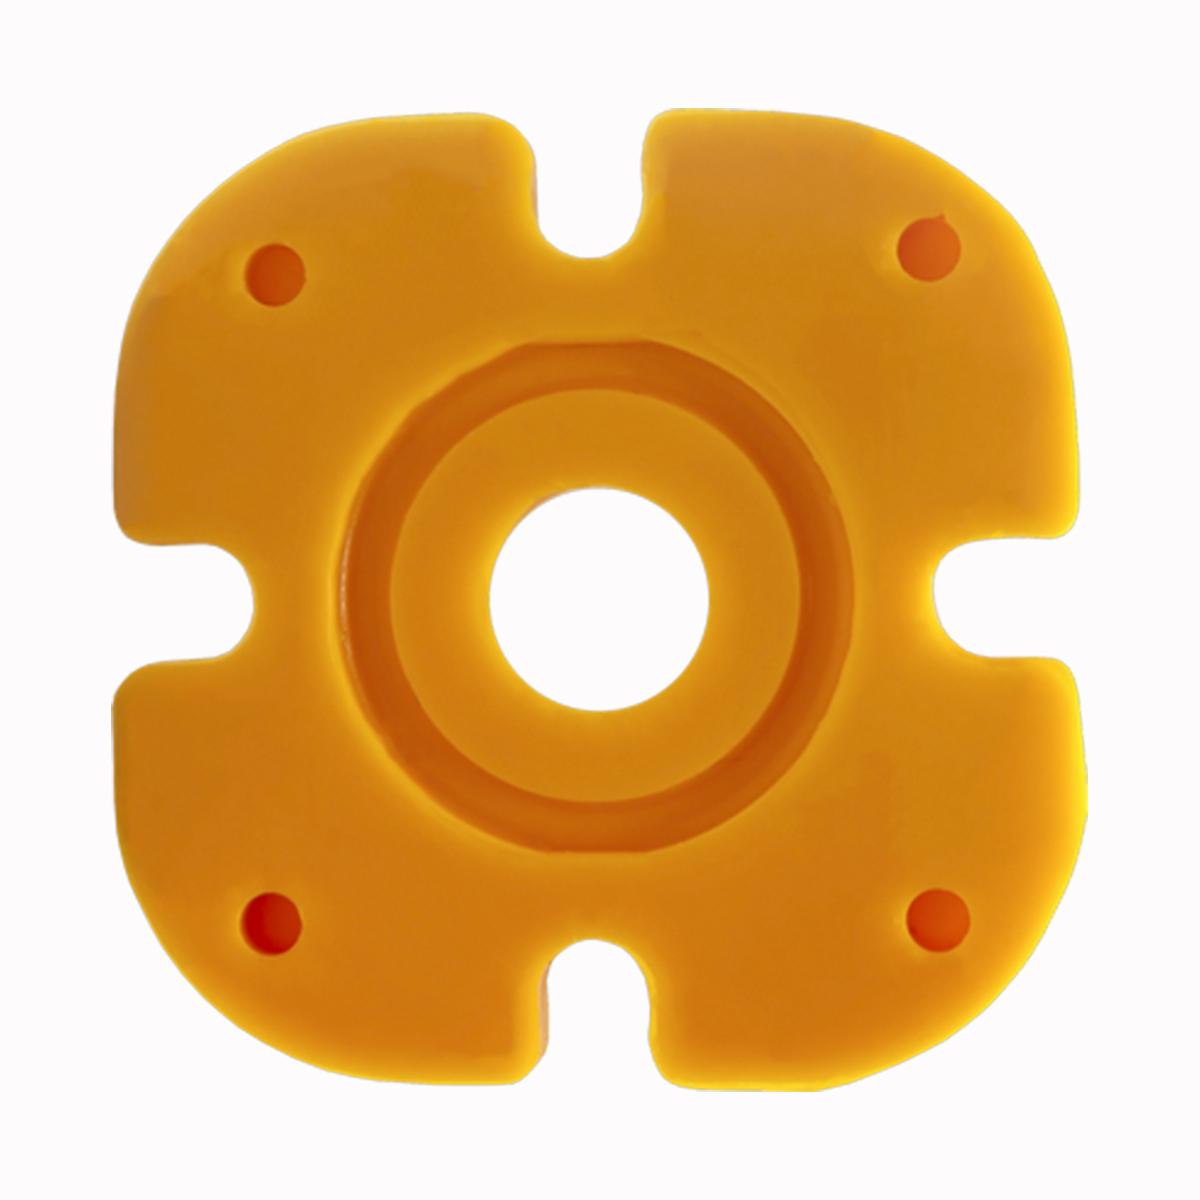 IST 韓国レバー Alpha アルファレバー用 ラバーグロメット Alpha-HST アセタール 切削精密加工仕上